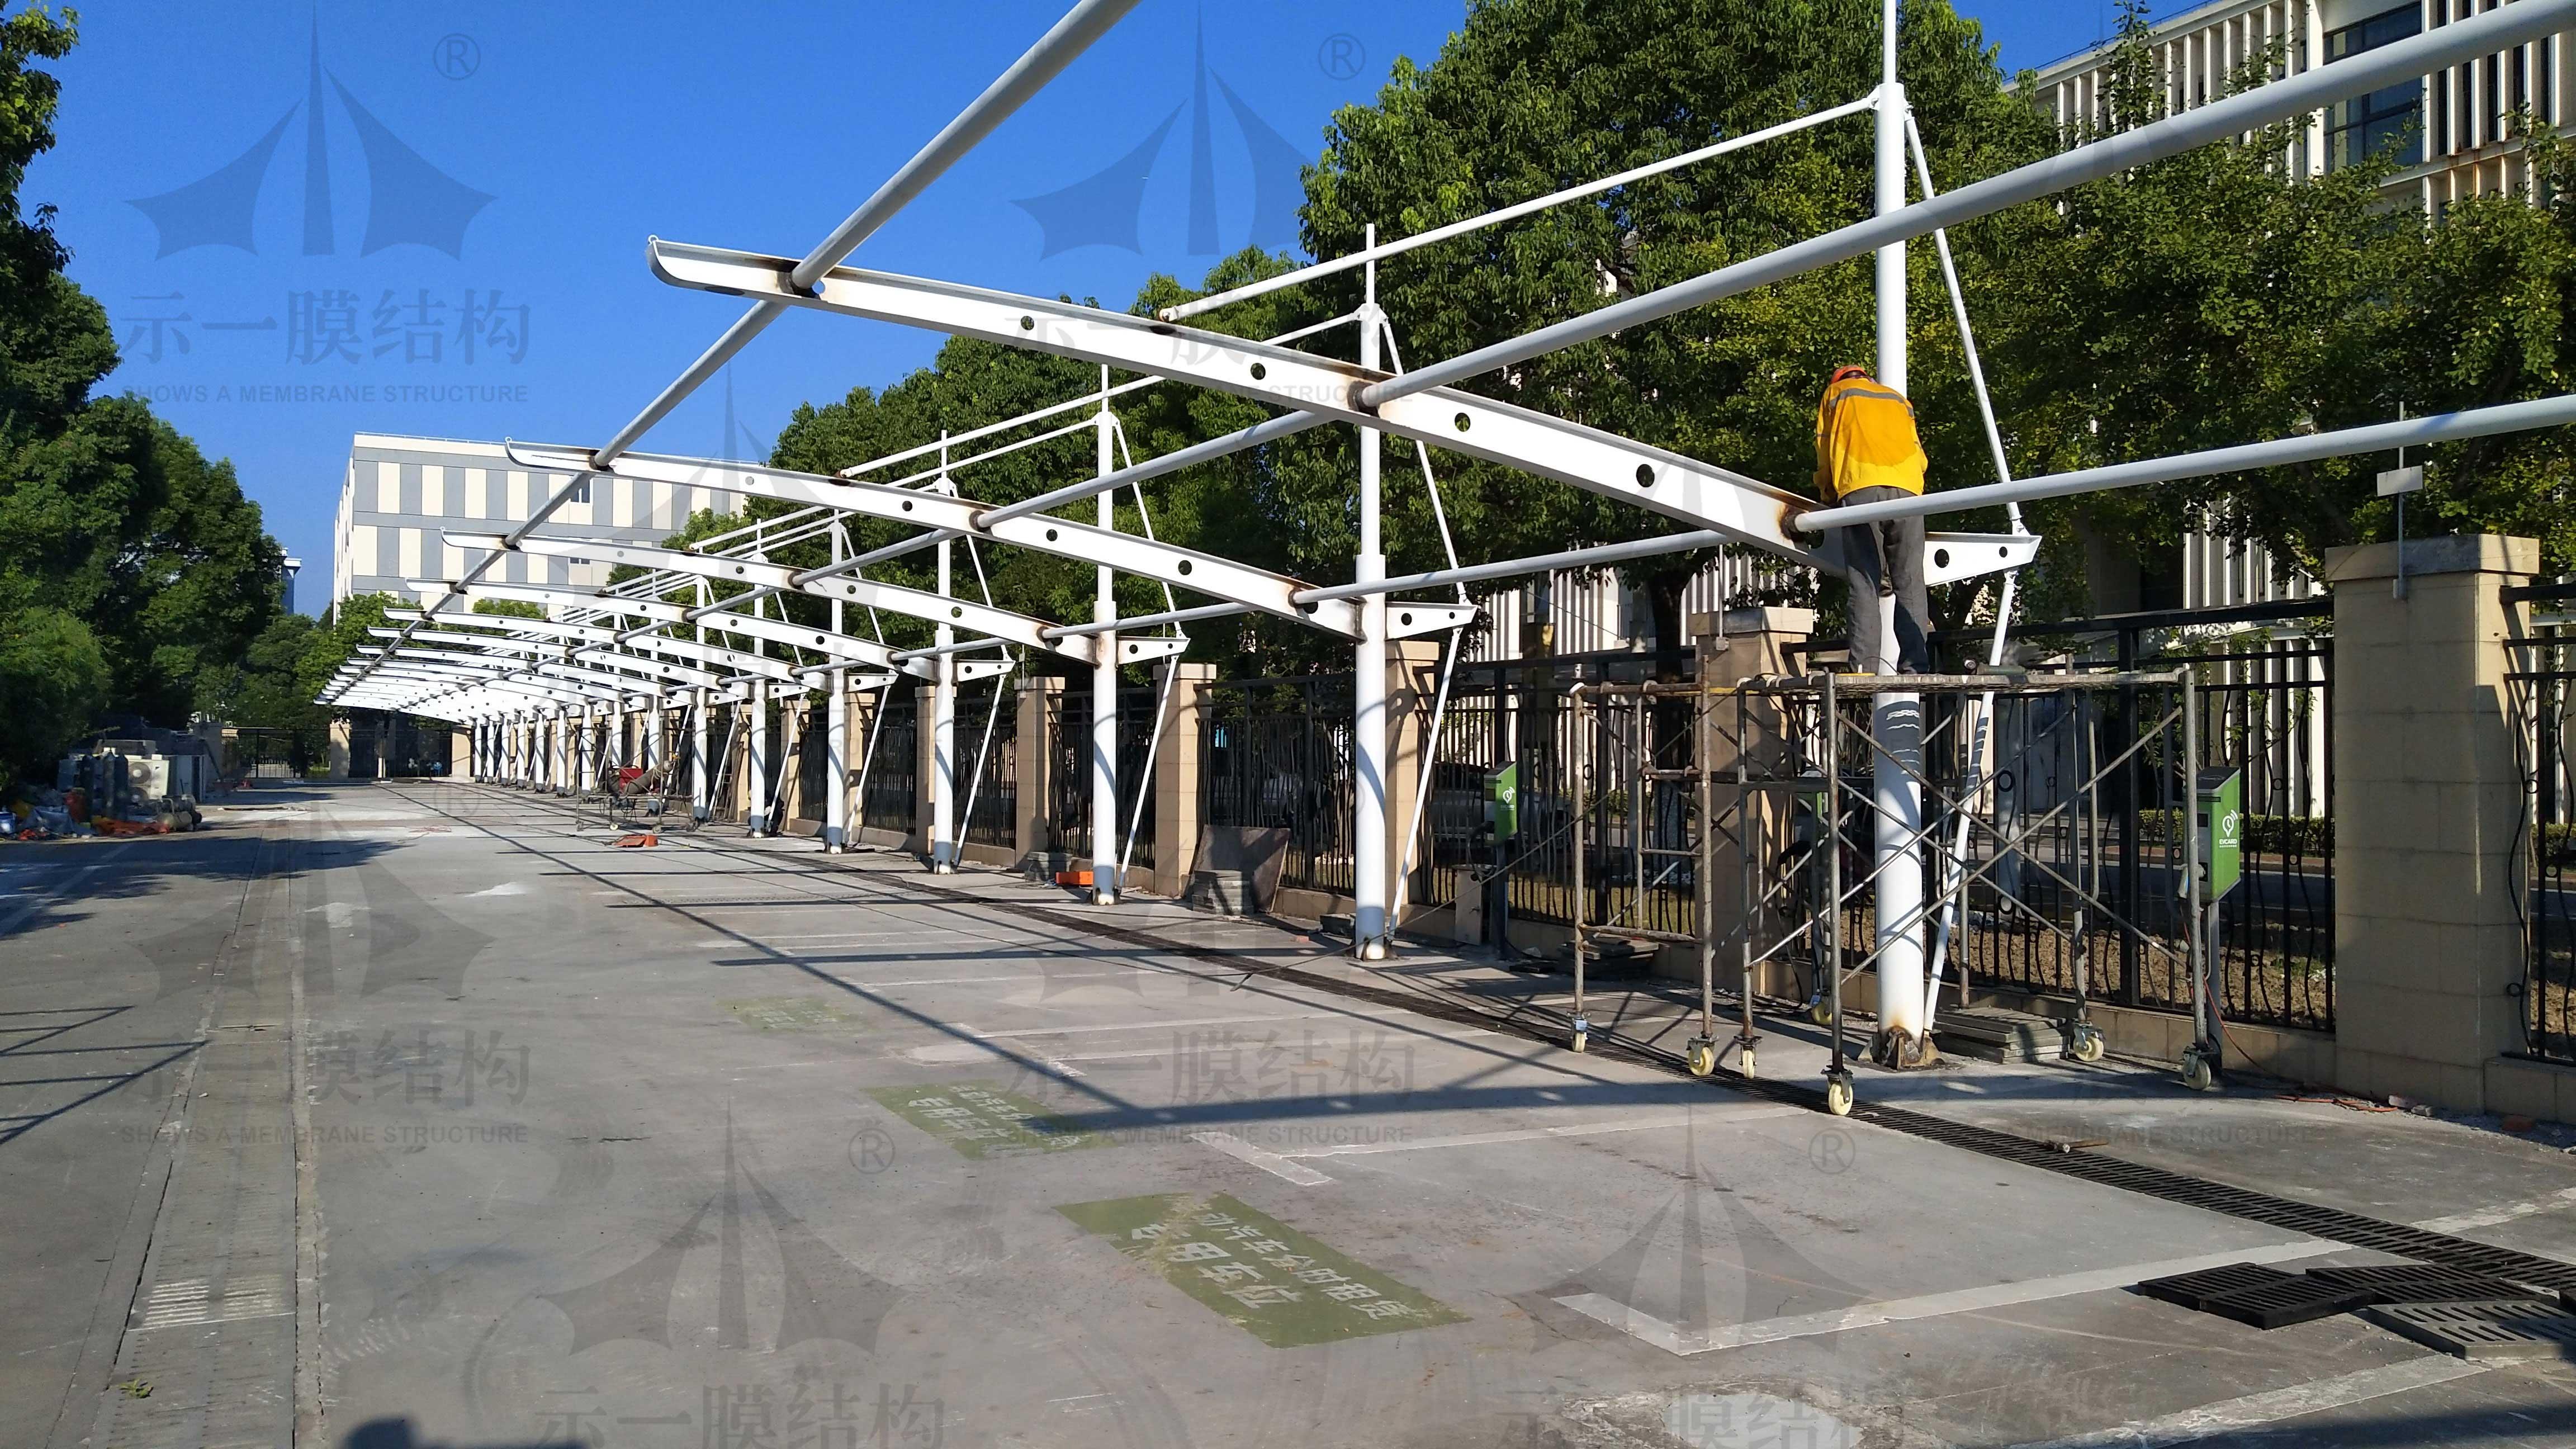 嘉定教育局膜结构车棚 尺寸修改